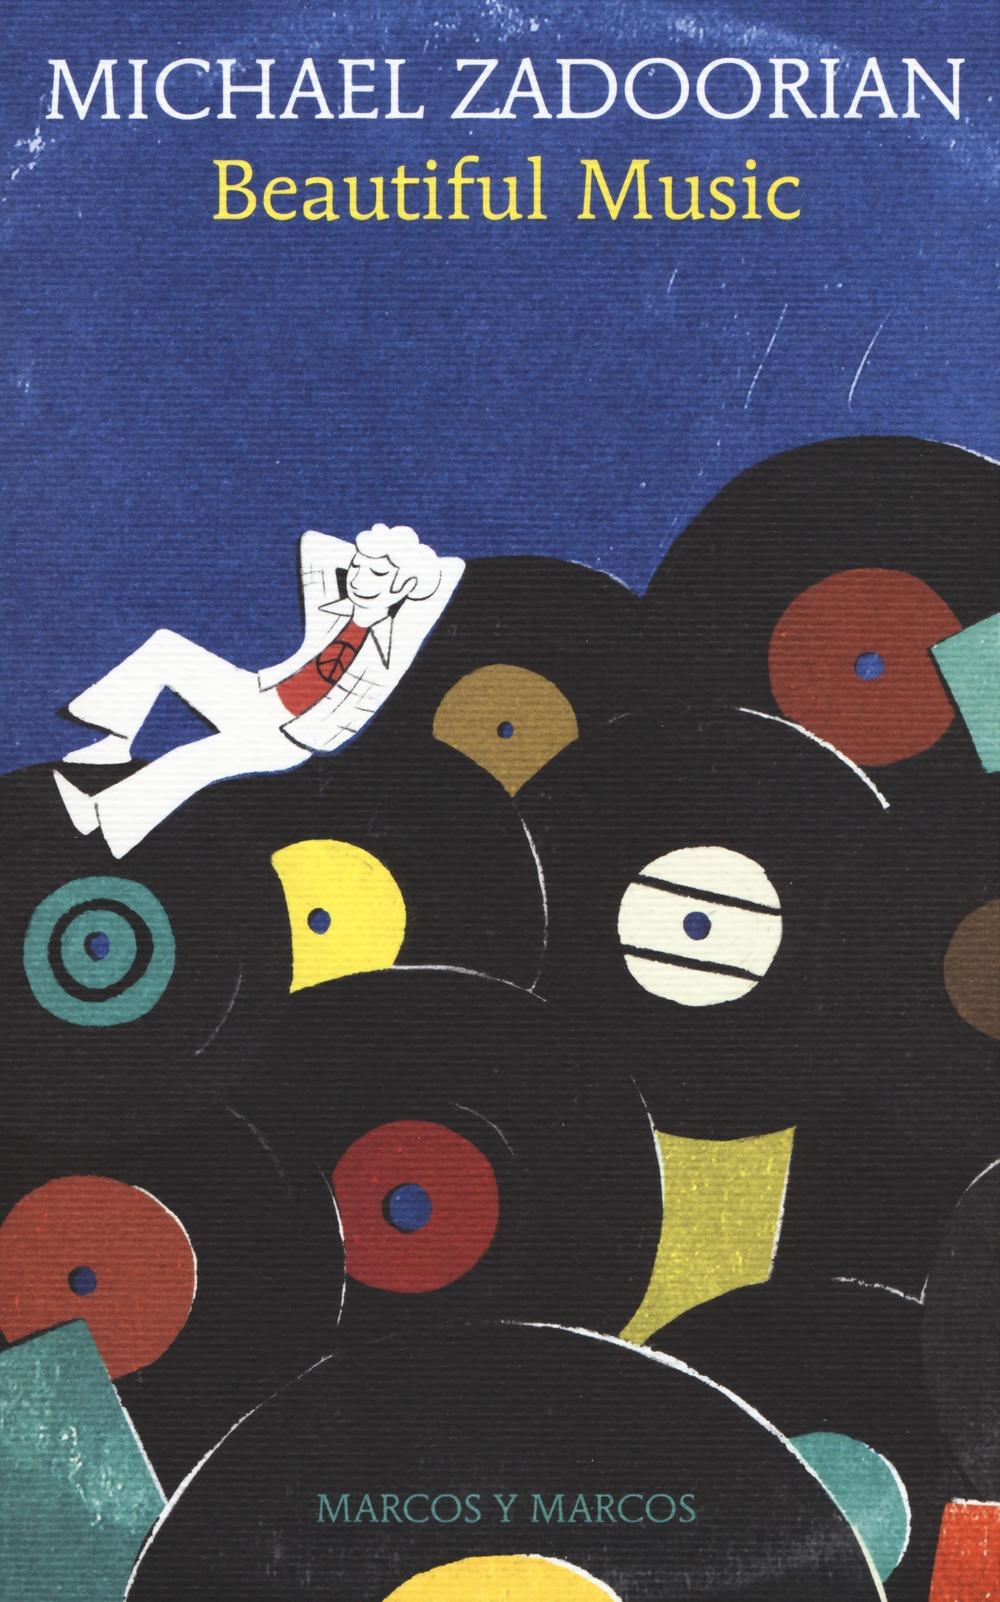 Recensione di Beautiful Music – Michael Zadoorian